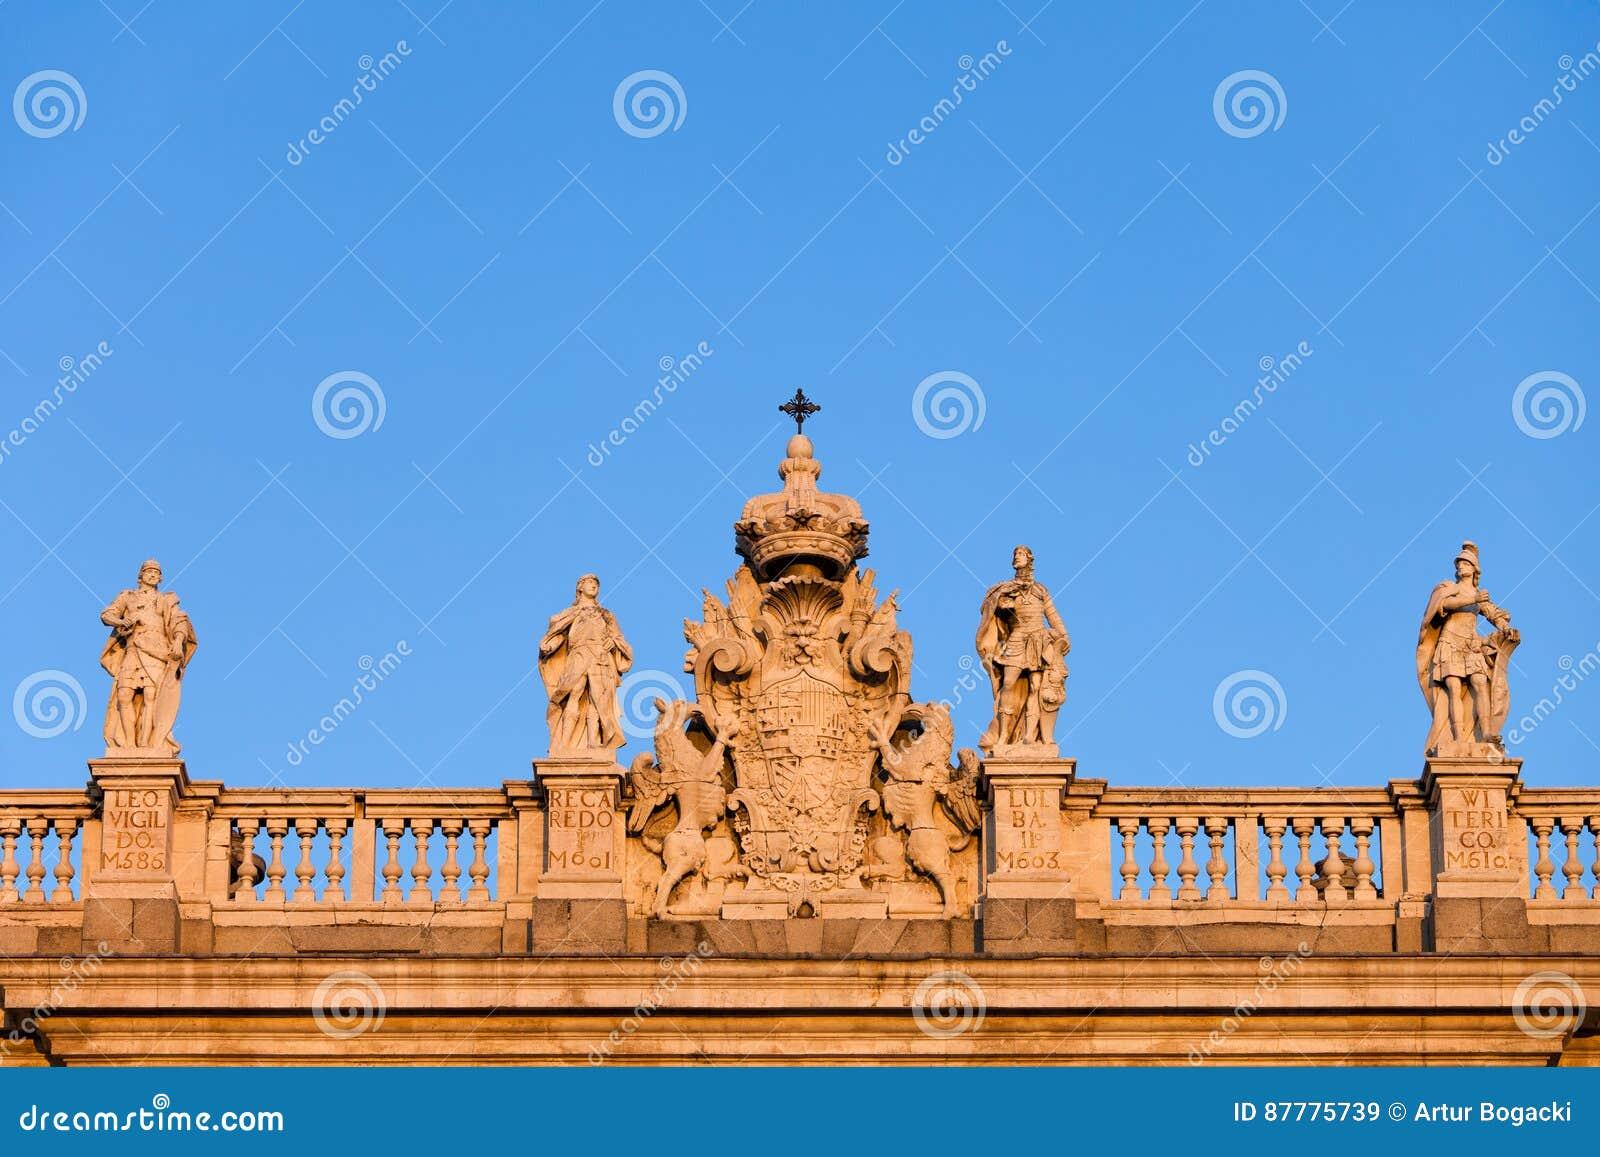 Hiszpania żakiet ręki na Royal Palace w Madryt